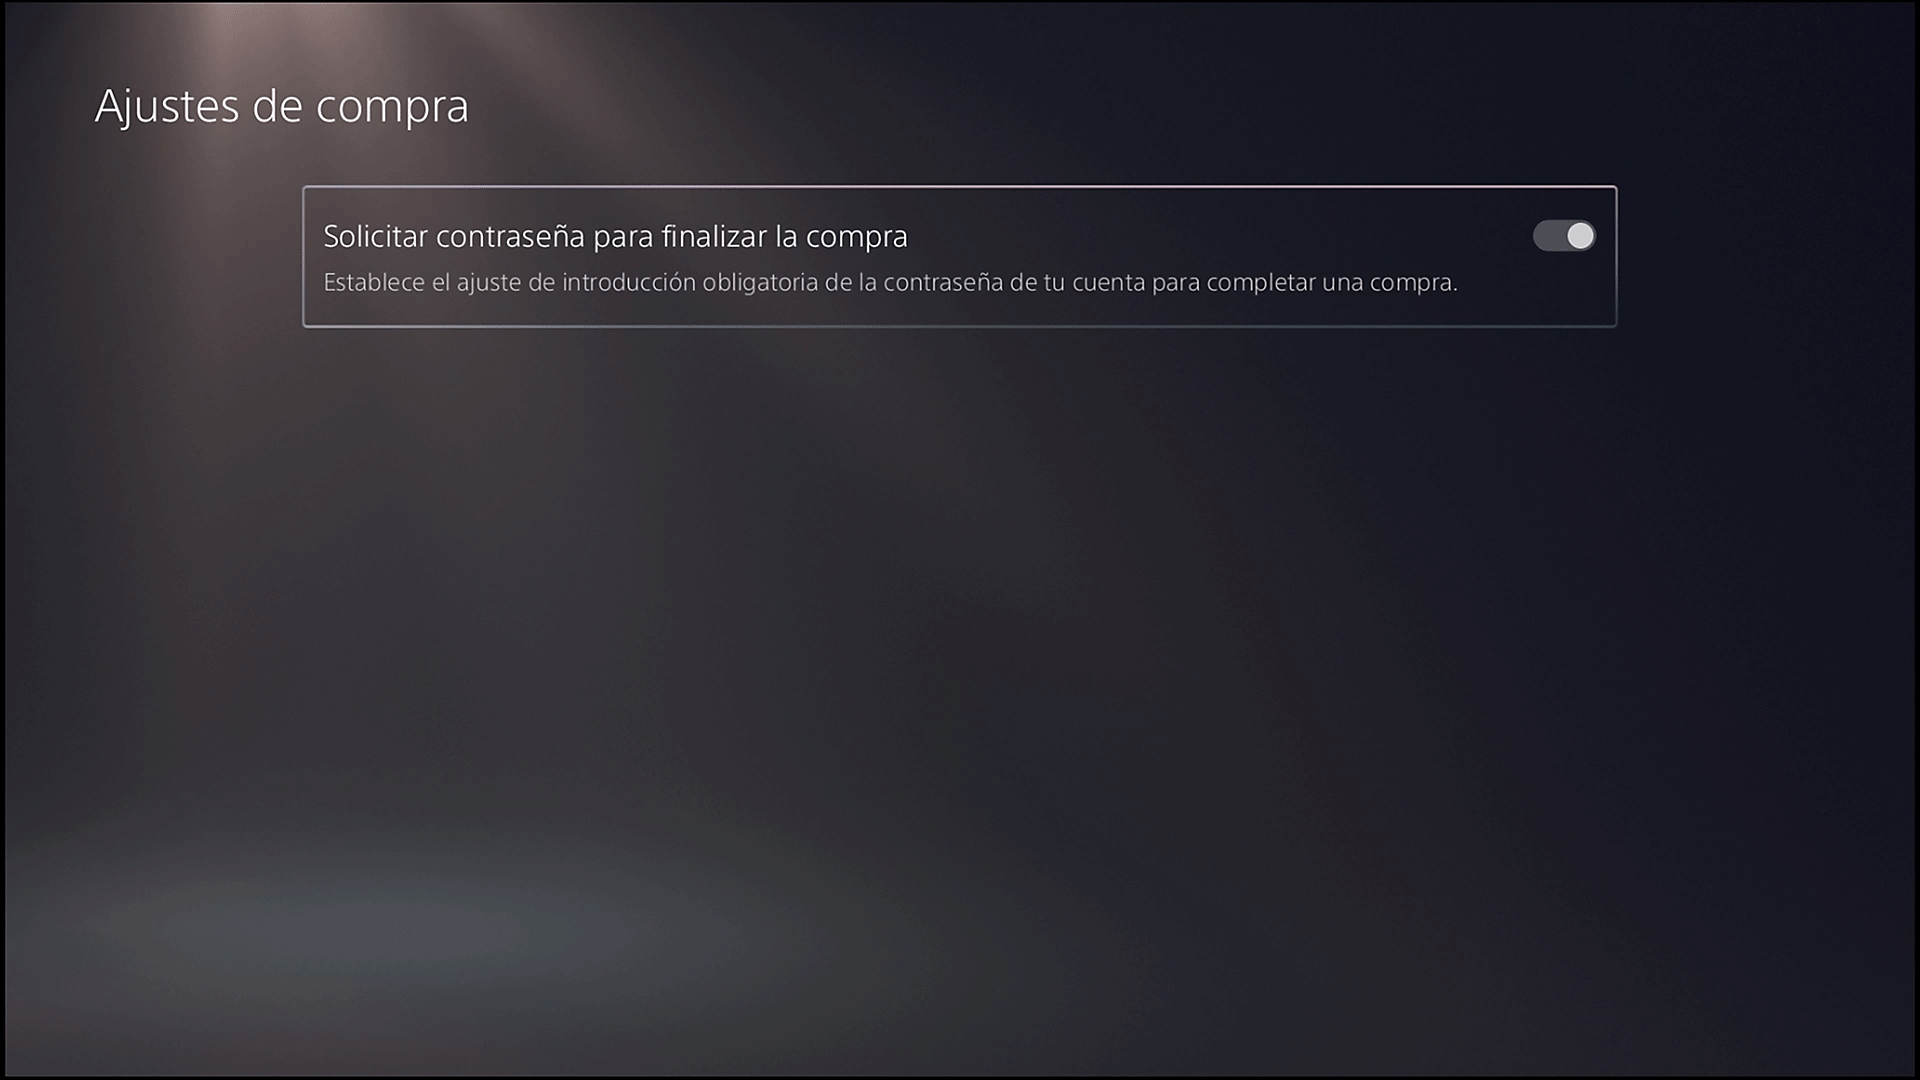 """Pantalla """"Configuración de compras"""" de PS5 con la opción """"Solicitar contraseña para finalizar la compra"""""""